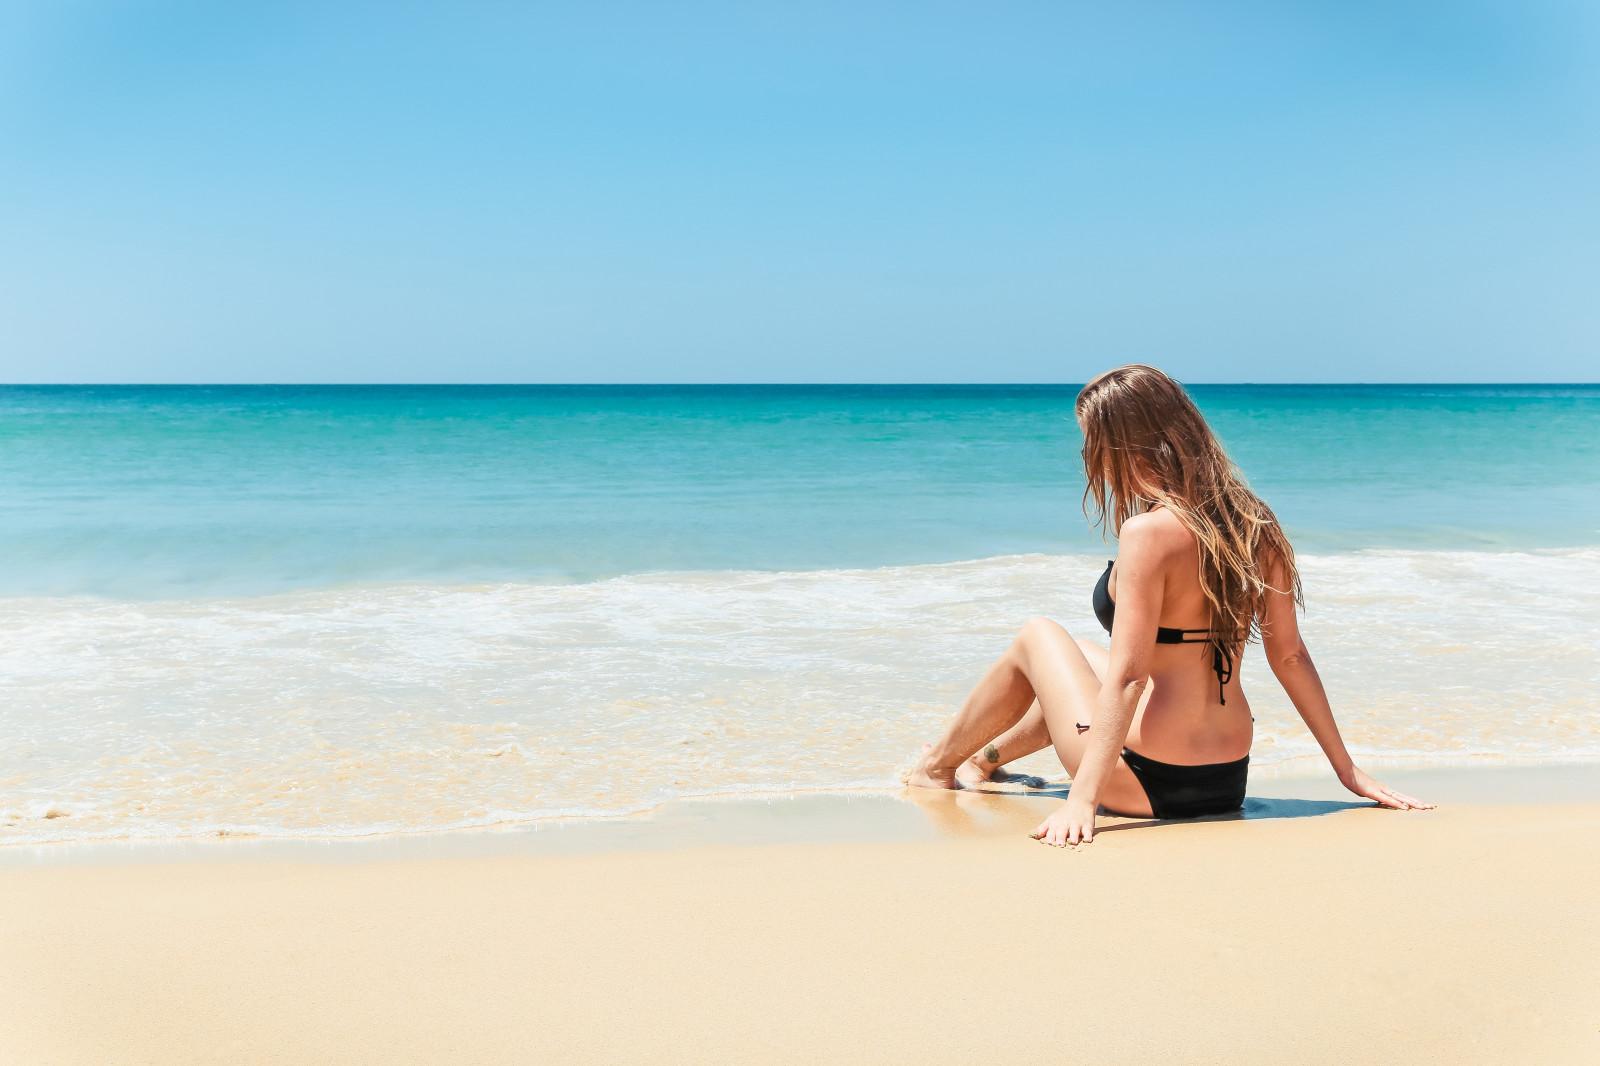 самые красивые девушки мира блондинки на море в тайланде - 4